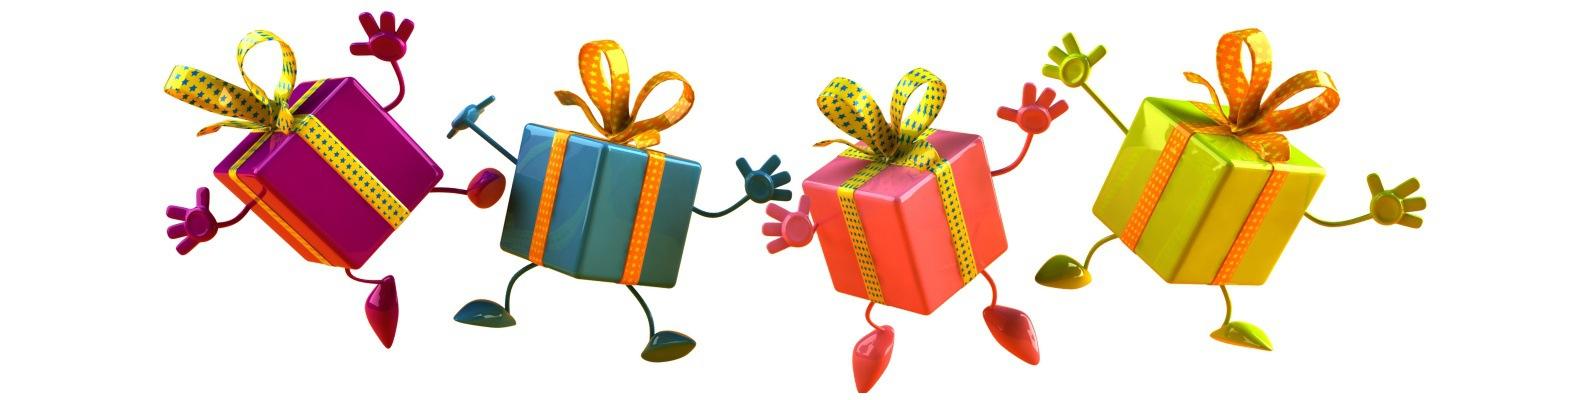 Подарки в Минске, цены. Купить оригинальные подарки в интернет-магазине